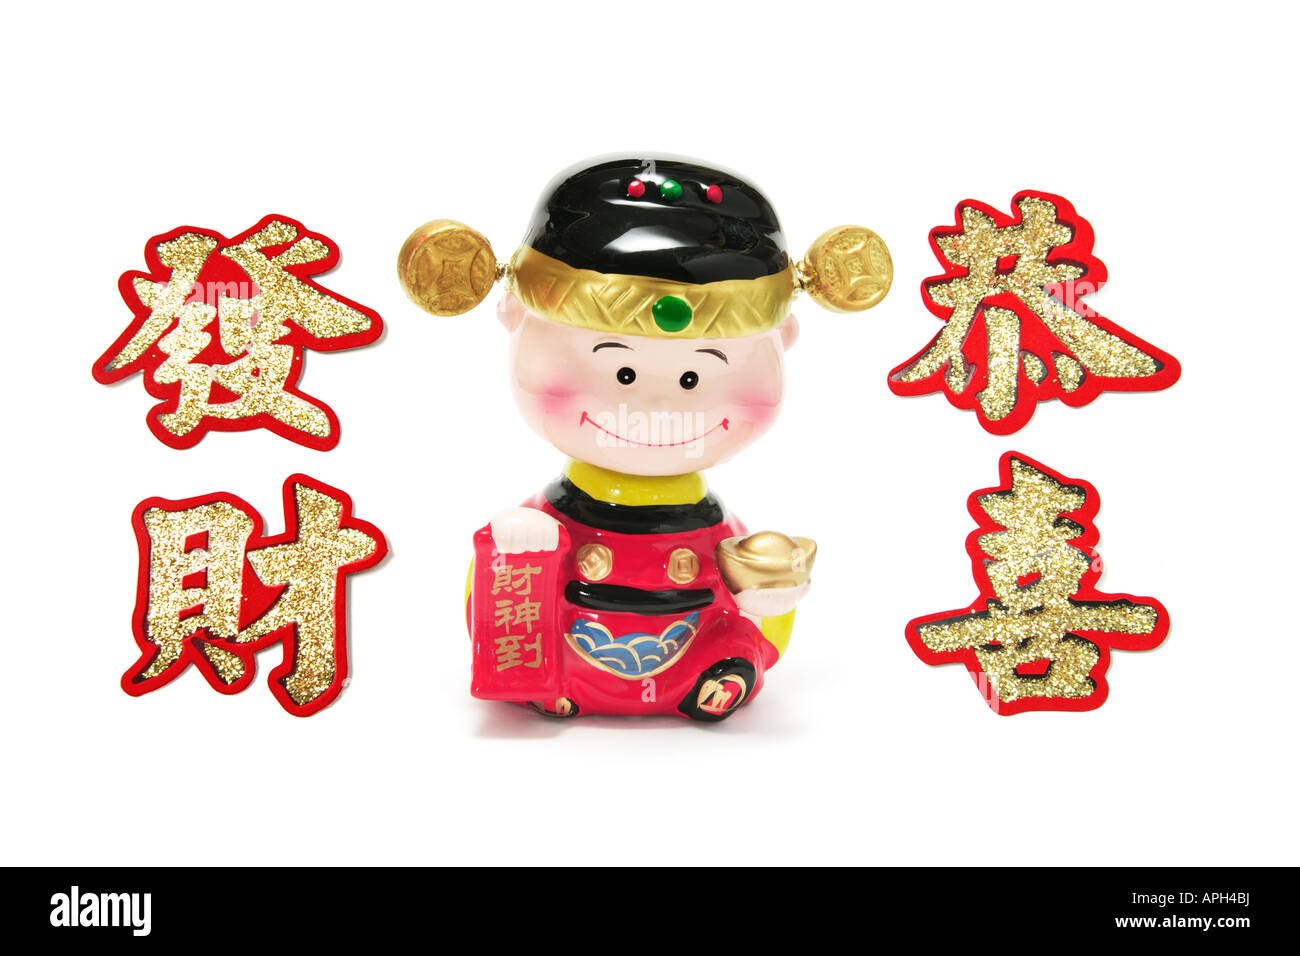 Gott des Reichtums mit chinesischen Neujahrsgrüße Stockfoto, Bild ...